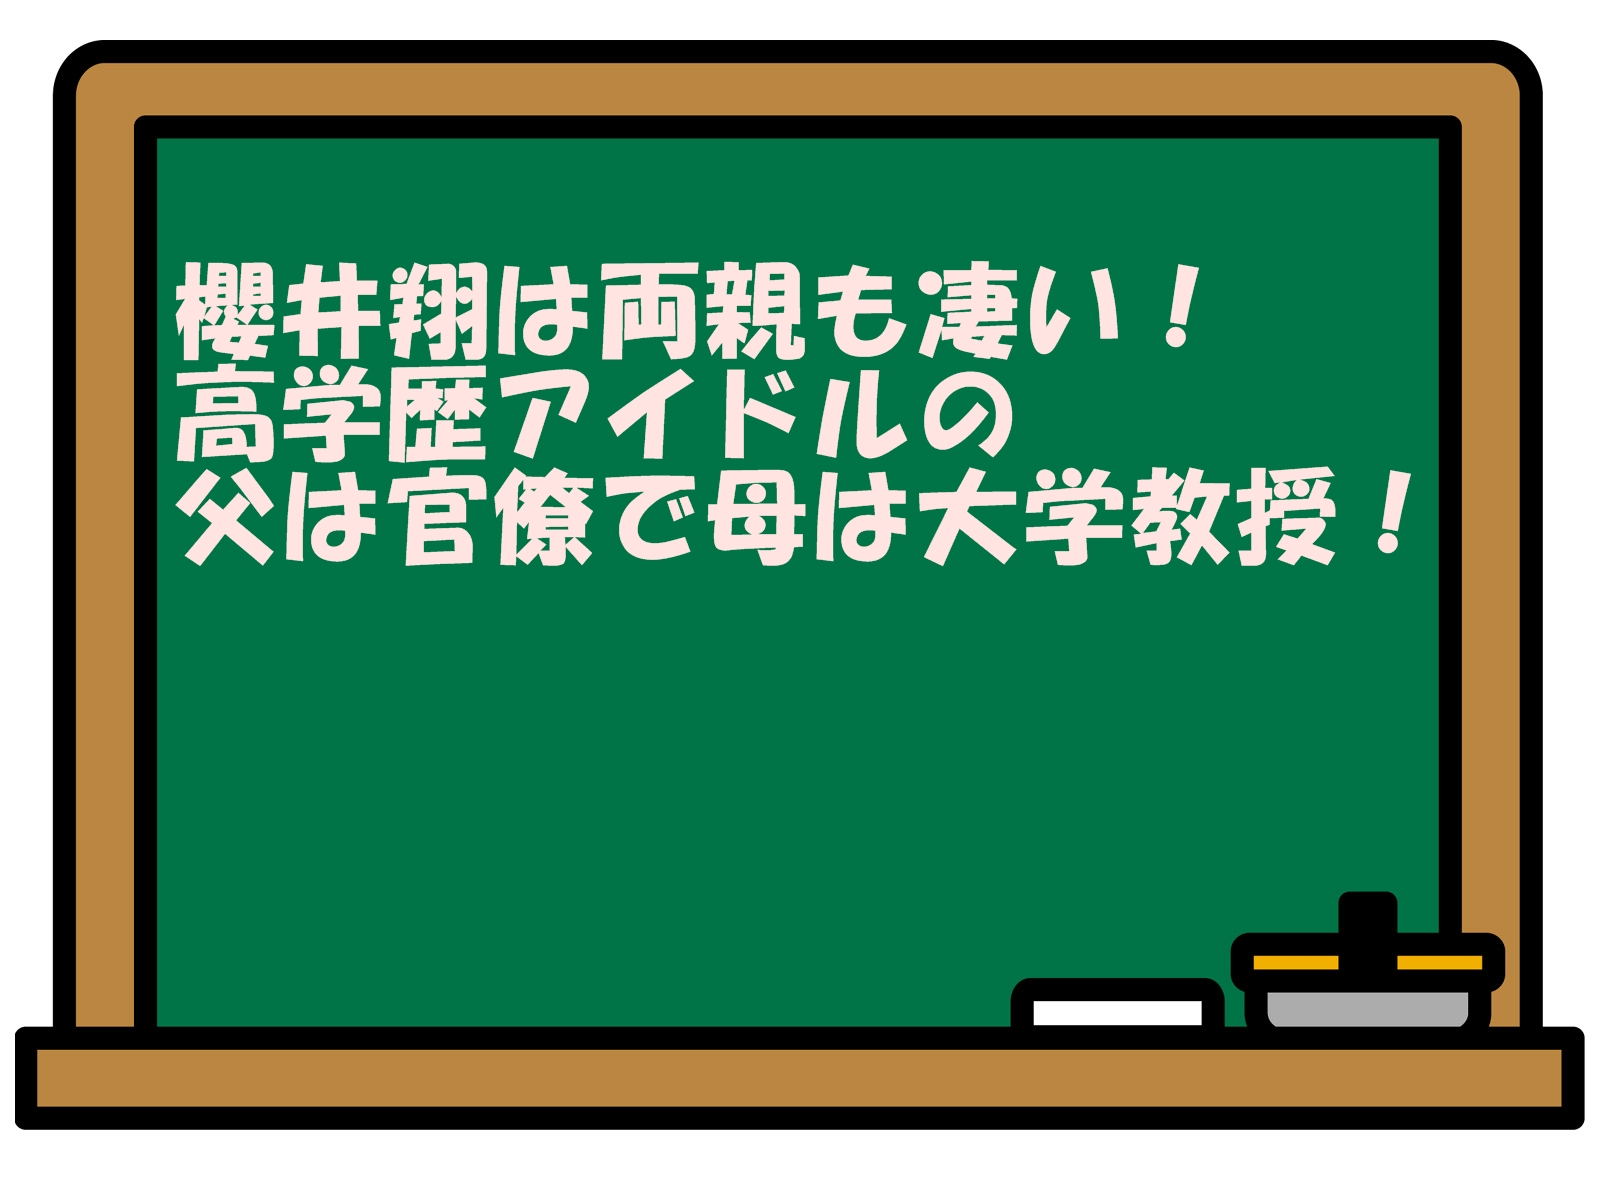 櫻井翔は両親も凄い!高学歴アイドルの父は官僚で母は大学教授!